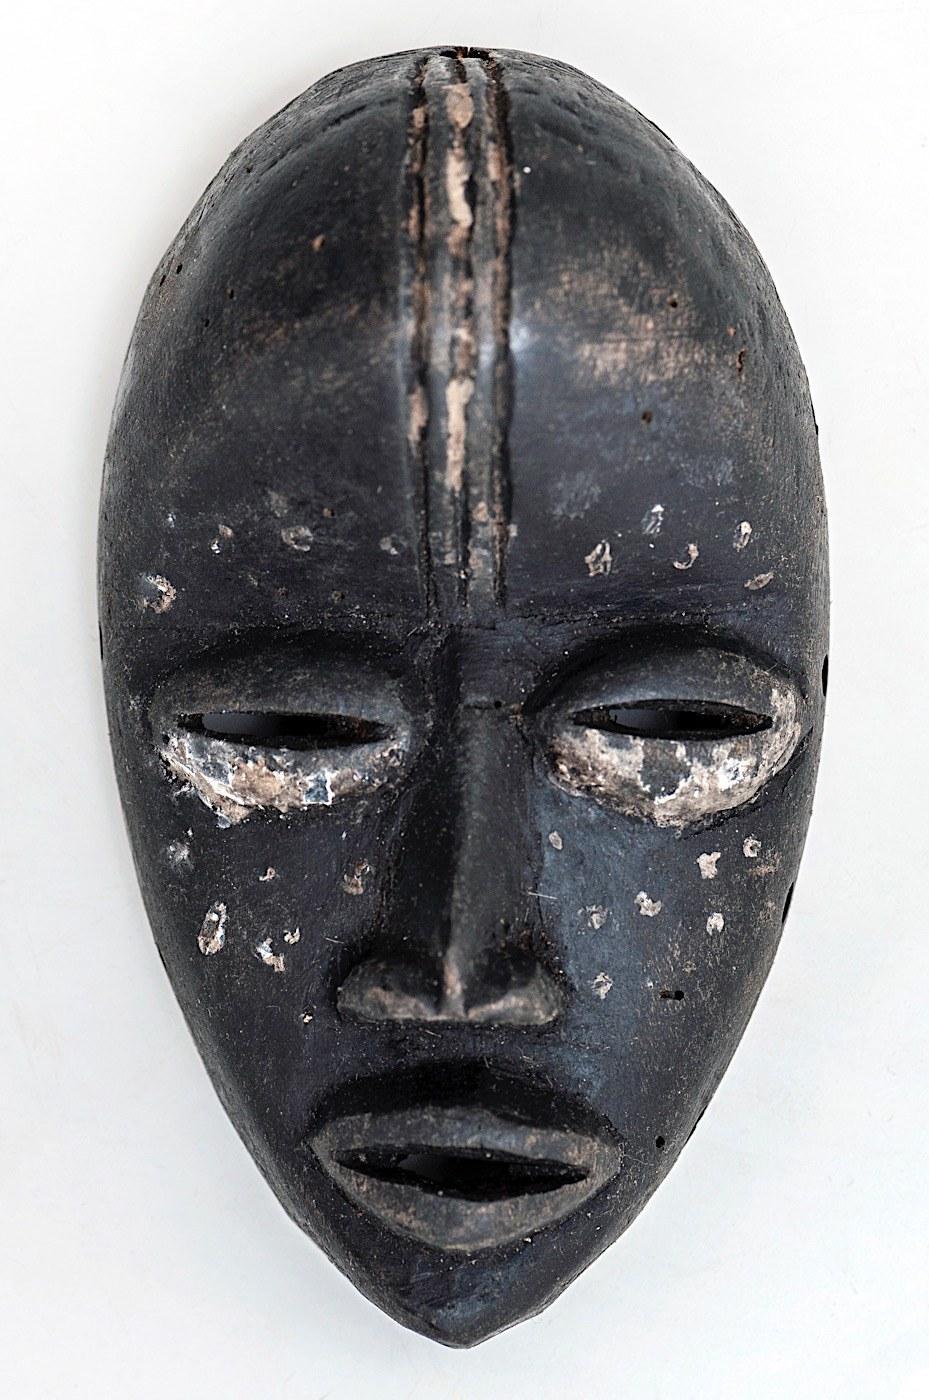 Maska średnia, DAN, Wybrzeże Kości Słoniowej, Afryka